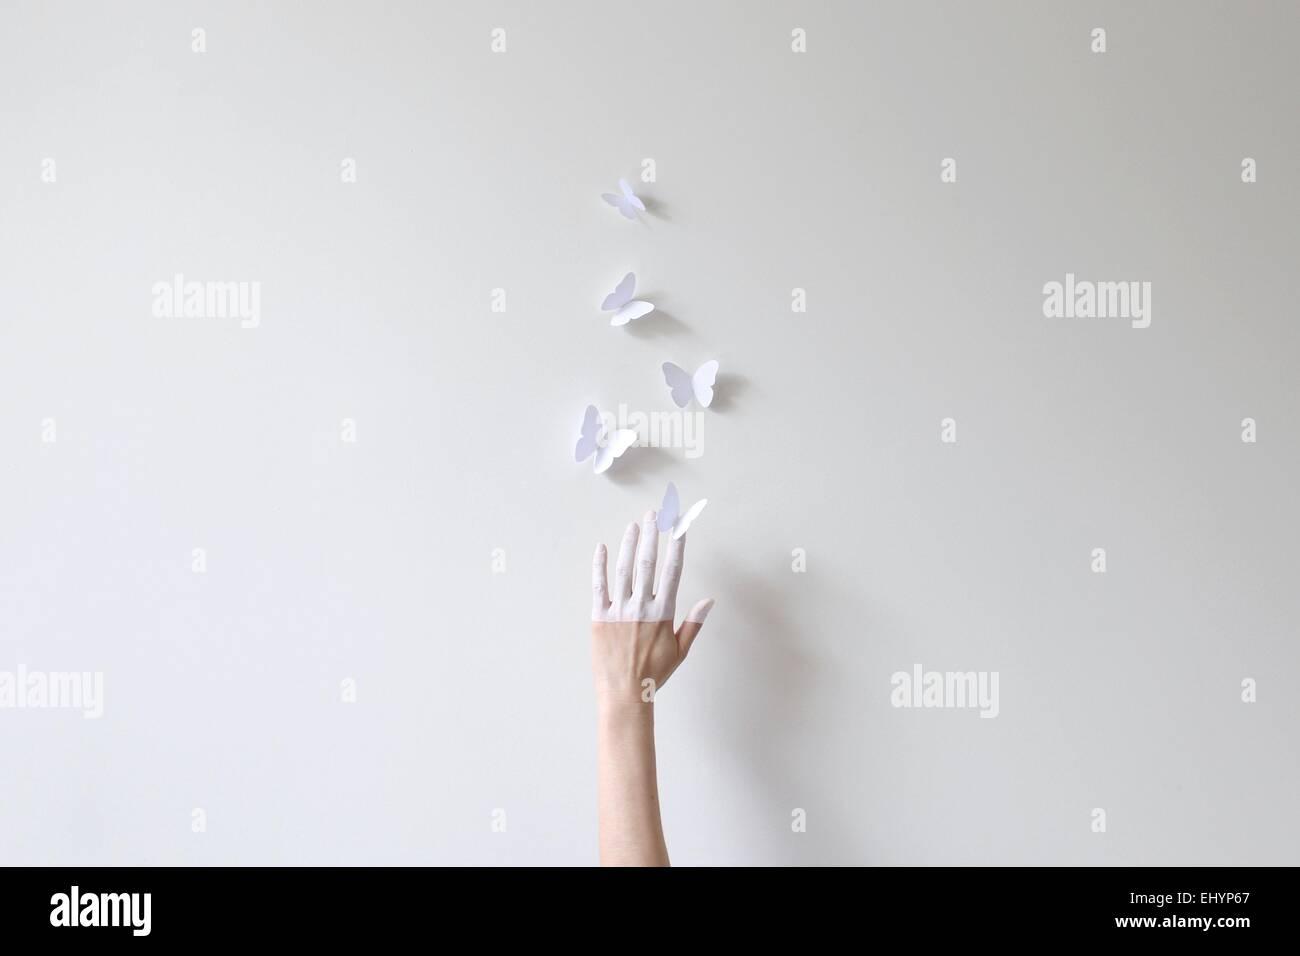 Une main la moitié peint en blanc pour atteindre les papillons de papier contre mur blanc Photo Stock